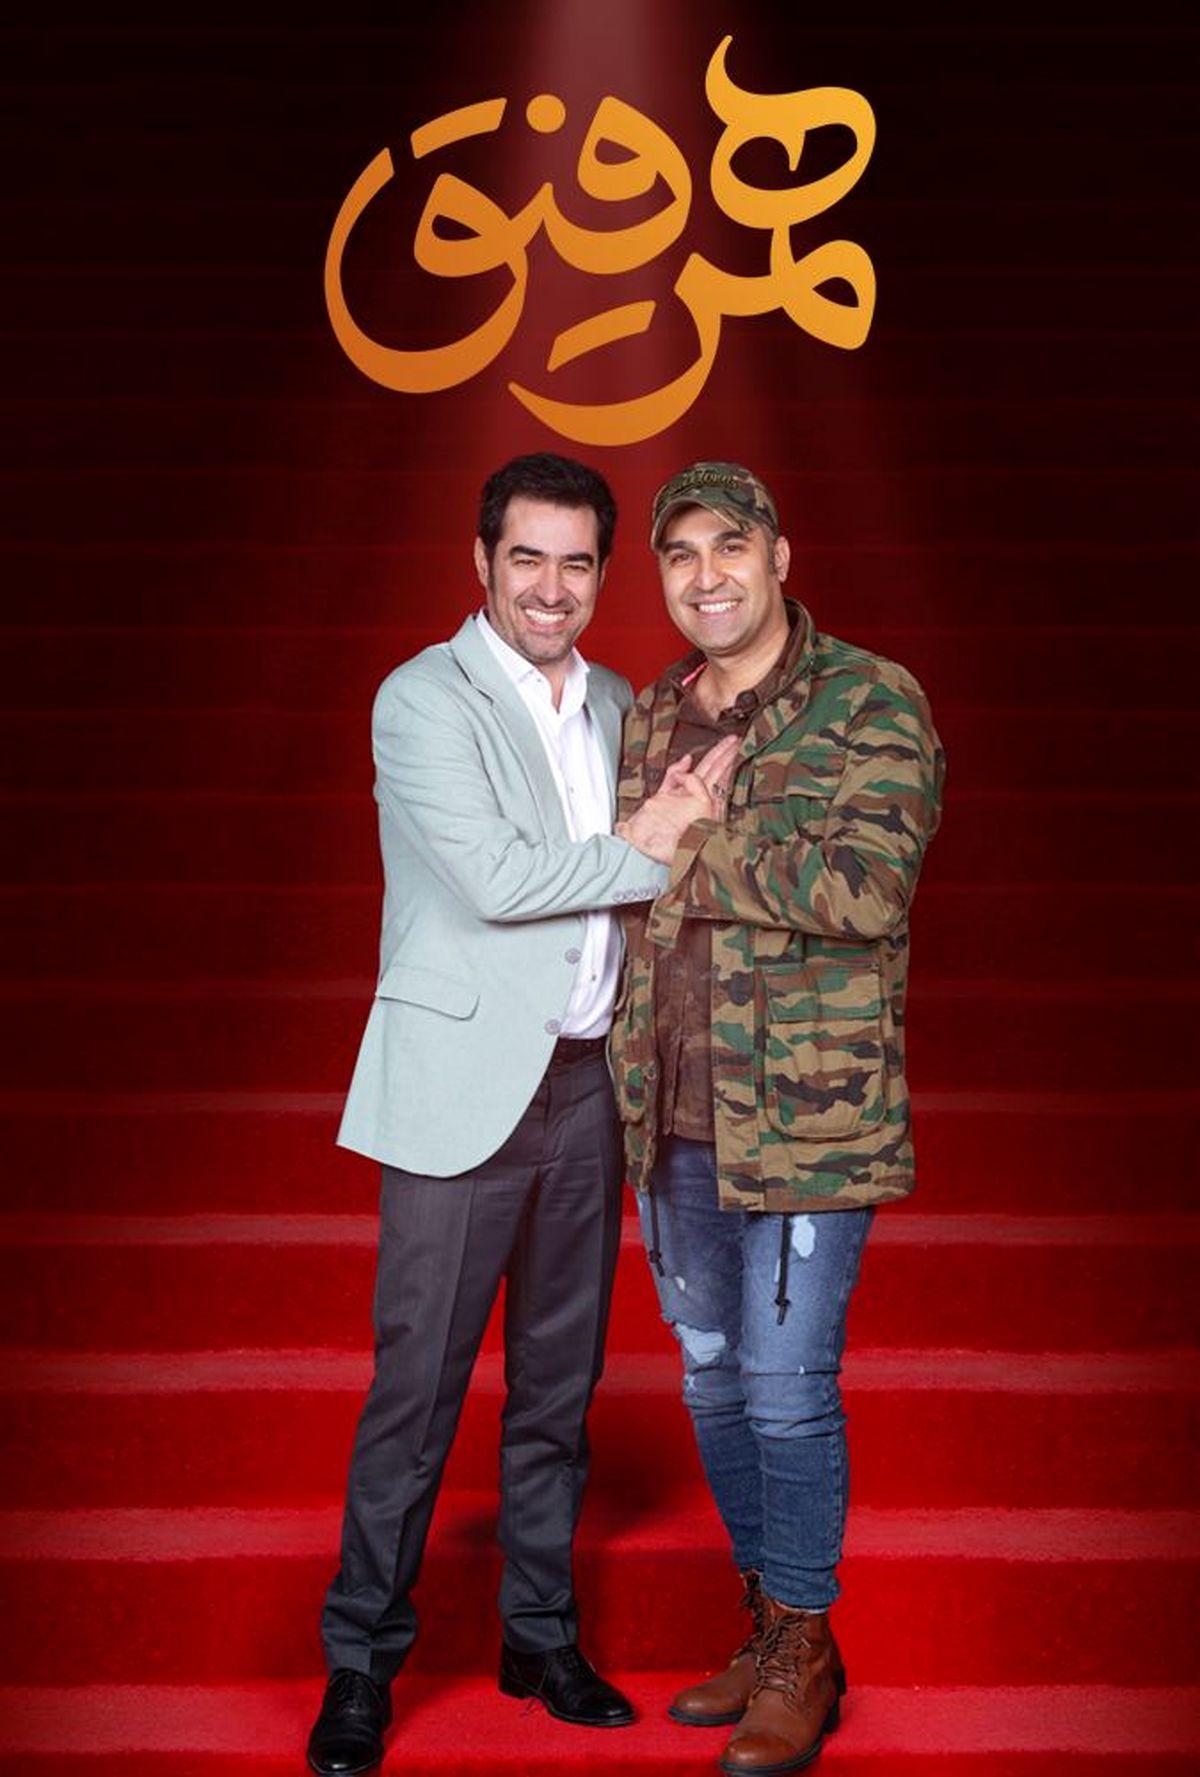 لاتی حرف زدن شهاب حسینی در برنامه همرفیق + فیلم